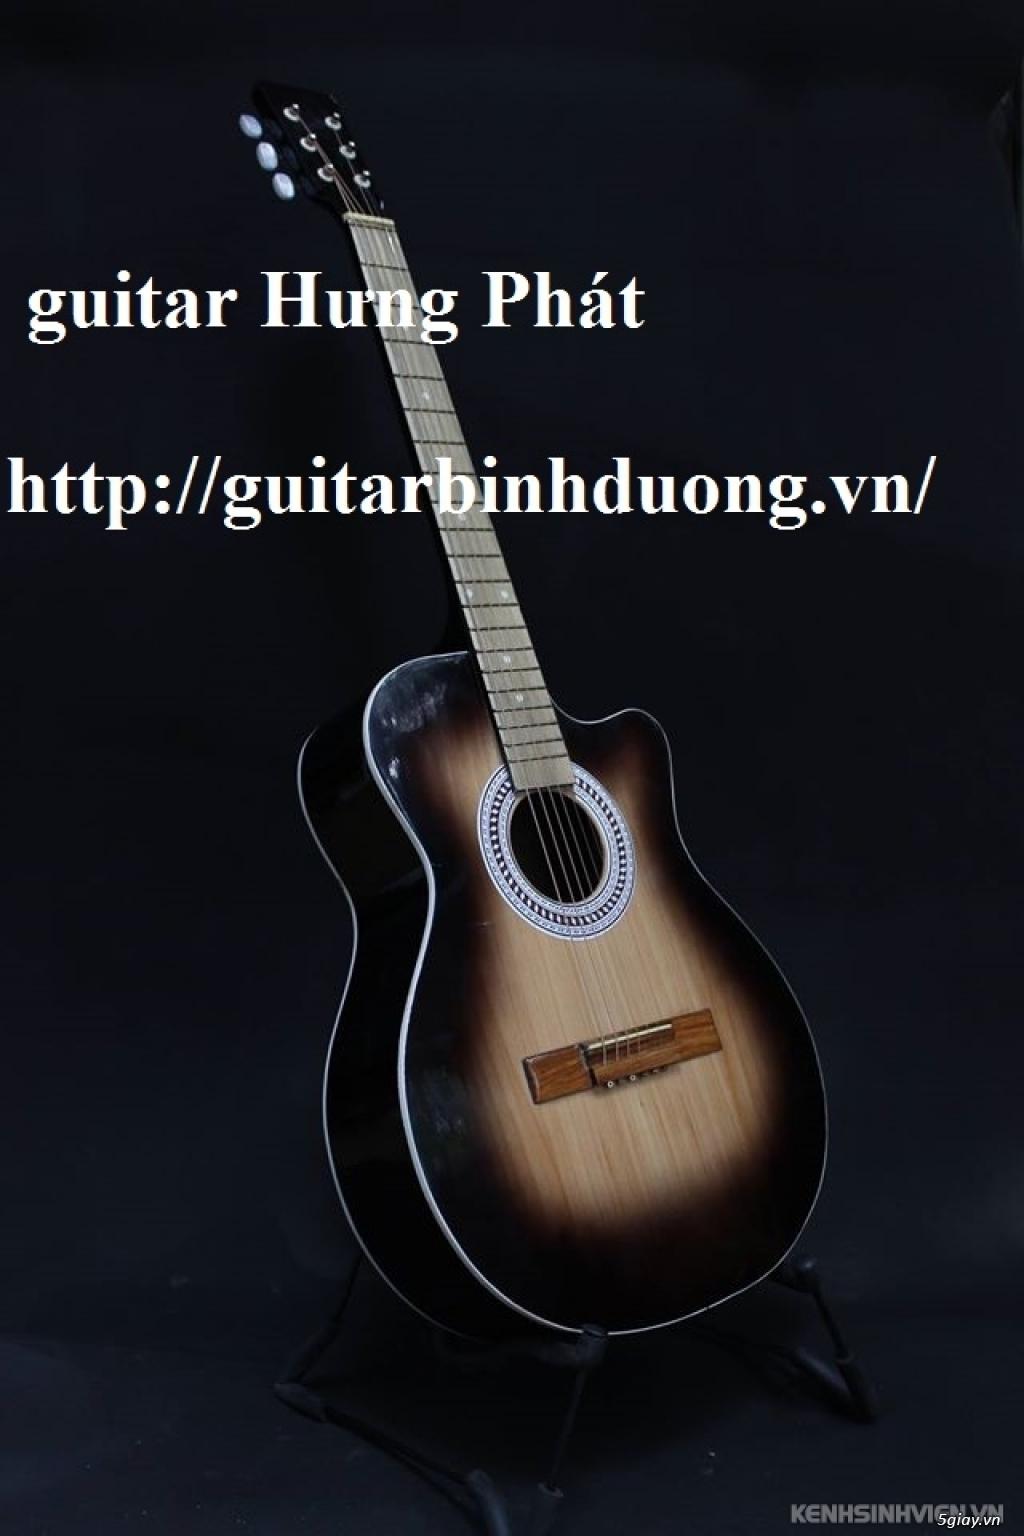 bán Đàn Guitar Giá Rẻ từ 390k tại cửa hàng nhạc cụ mới Bình Dương - 1